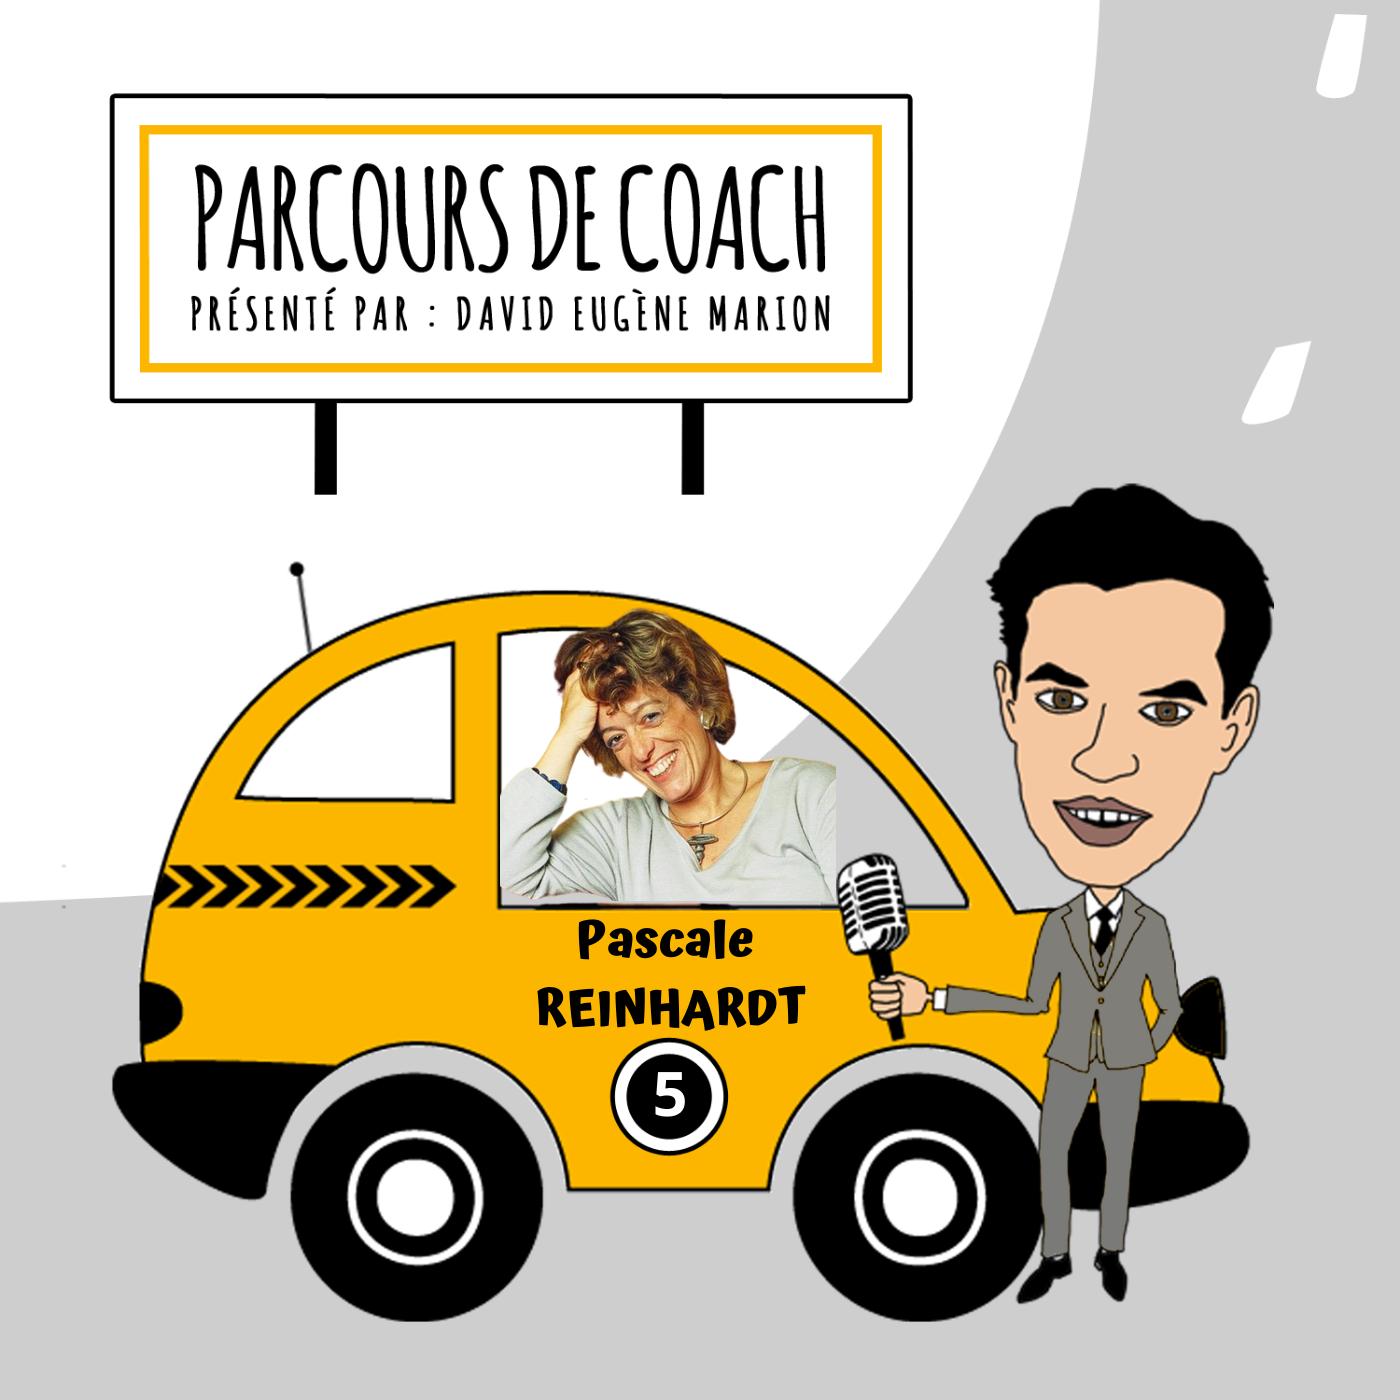 Parcours de Coach® n°5 : Pascale REINHARDT